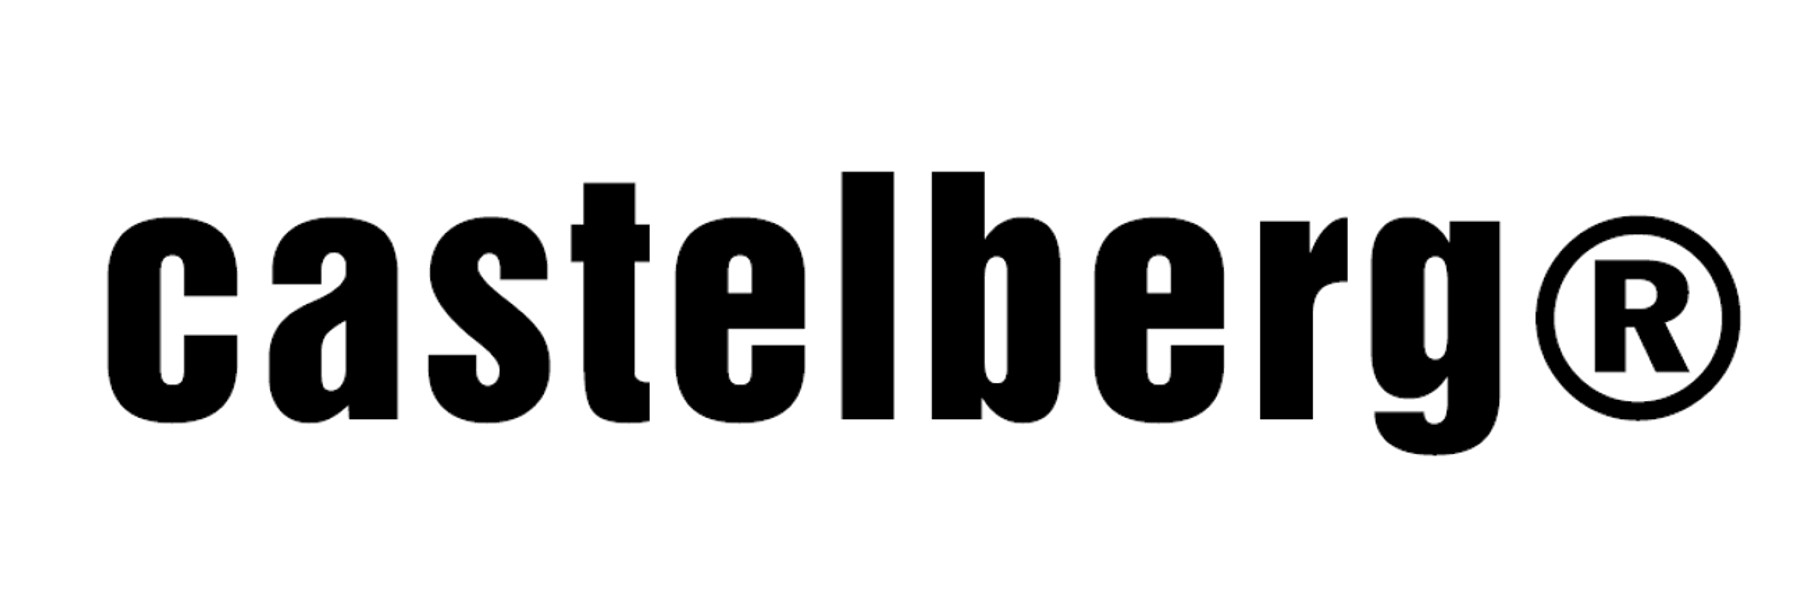 logoCD2.jpg